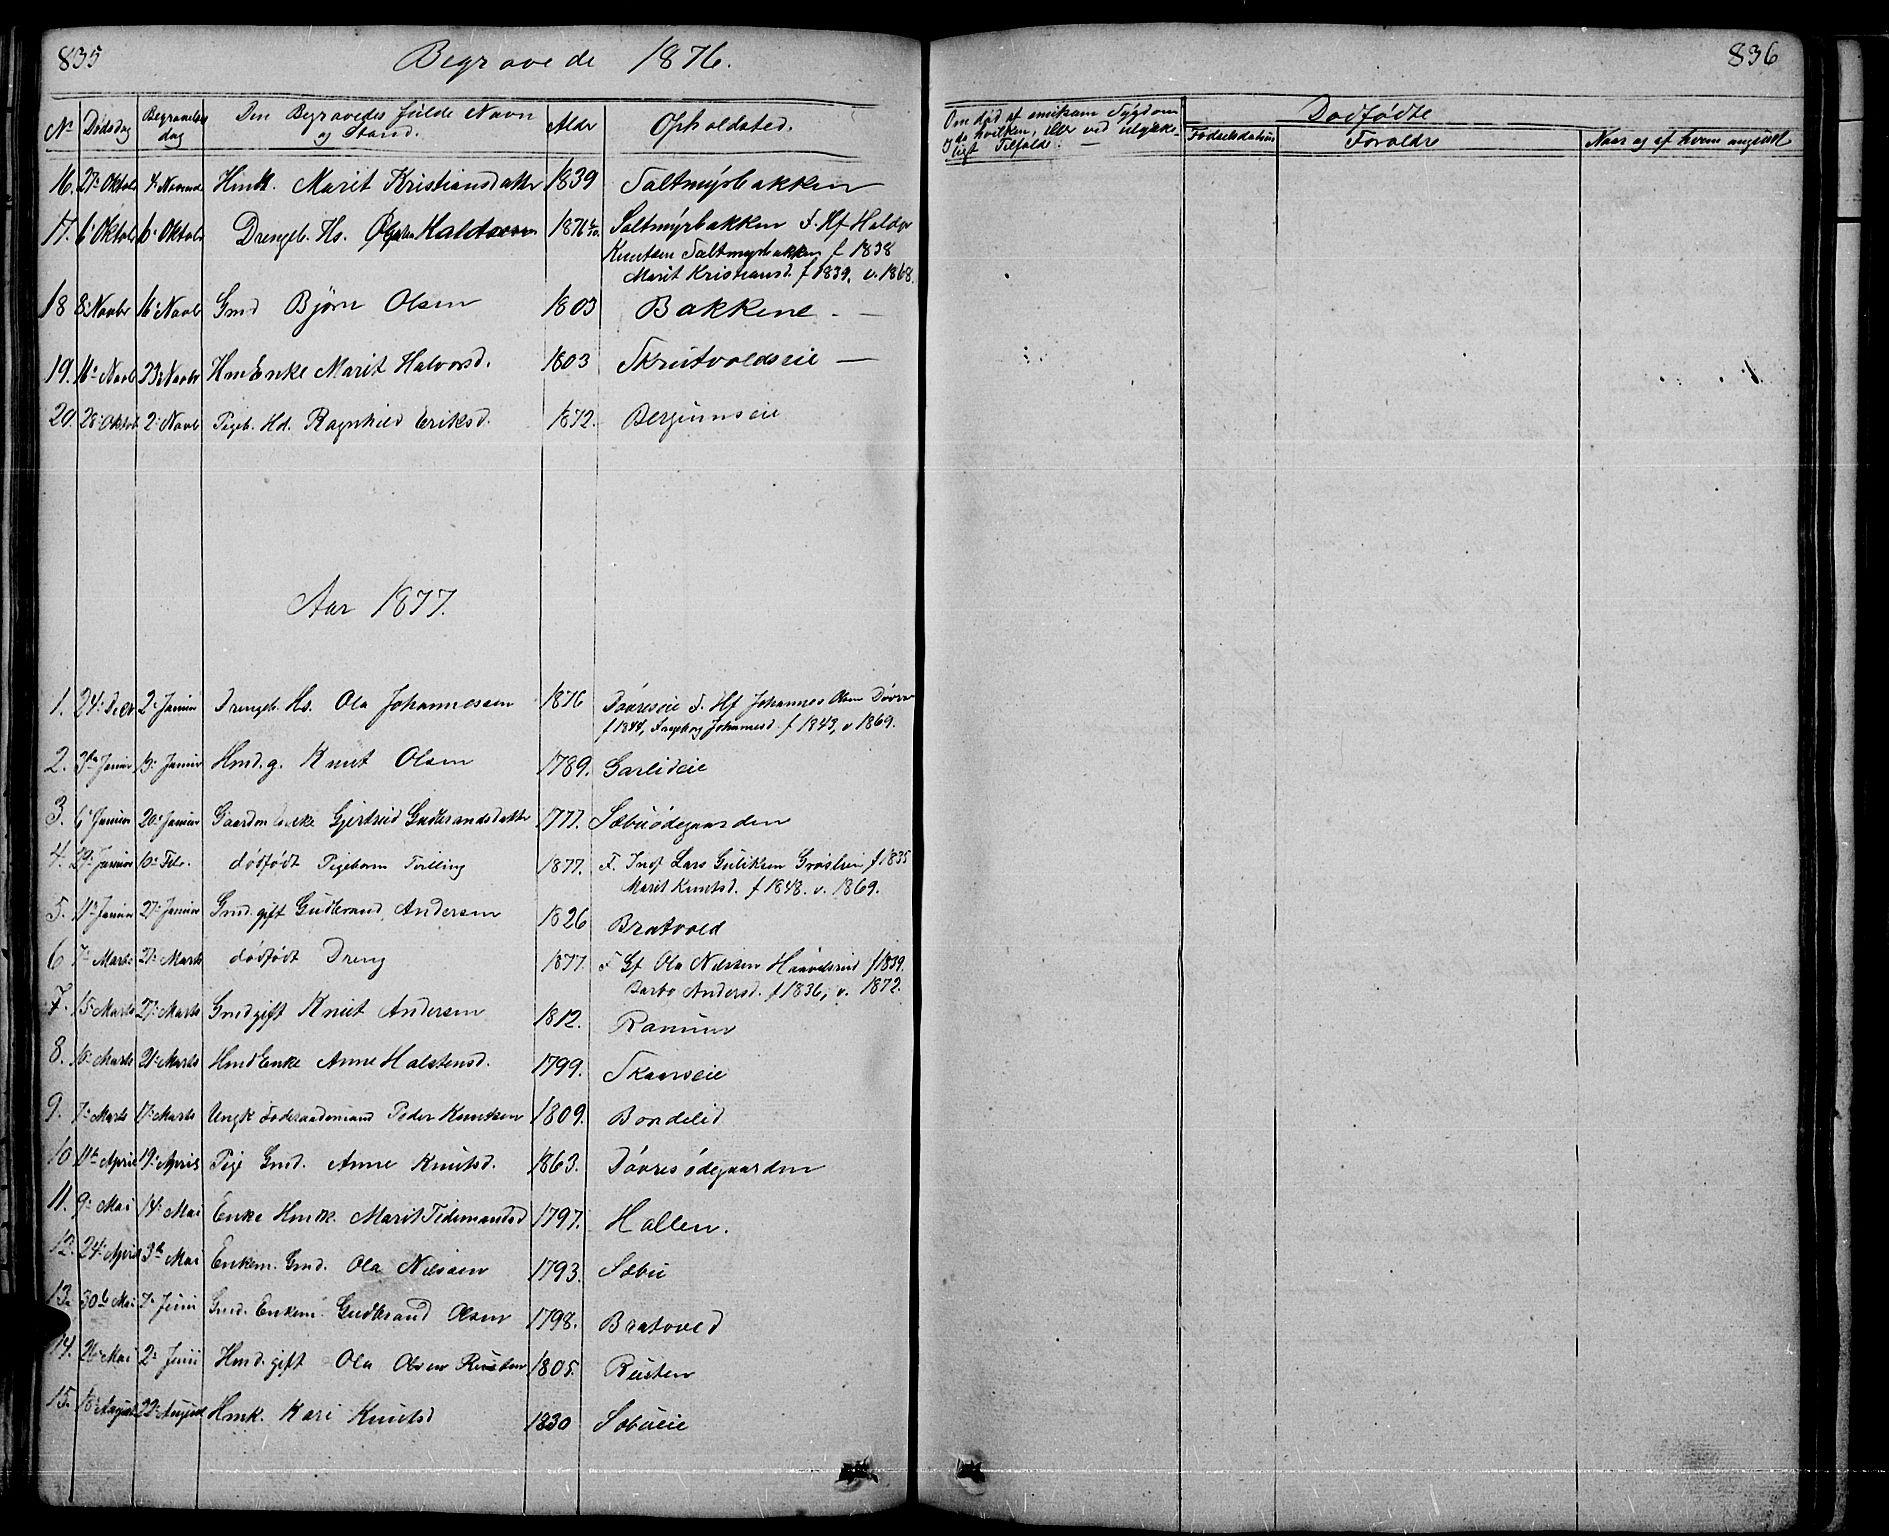 SAH, Nord-Aurdal prestekontor, Klokkerbok nr. 1, 1834-1887, s. 835-836